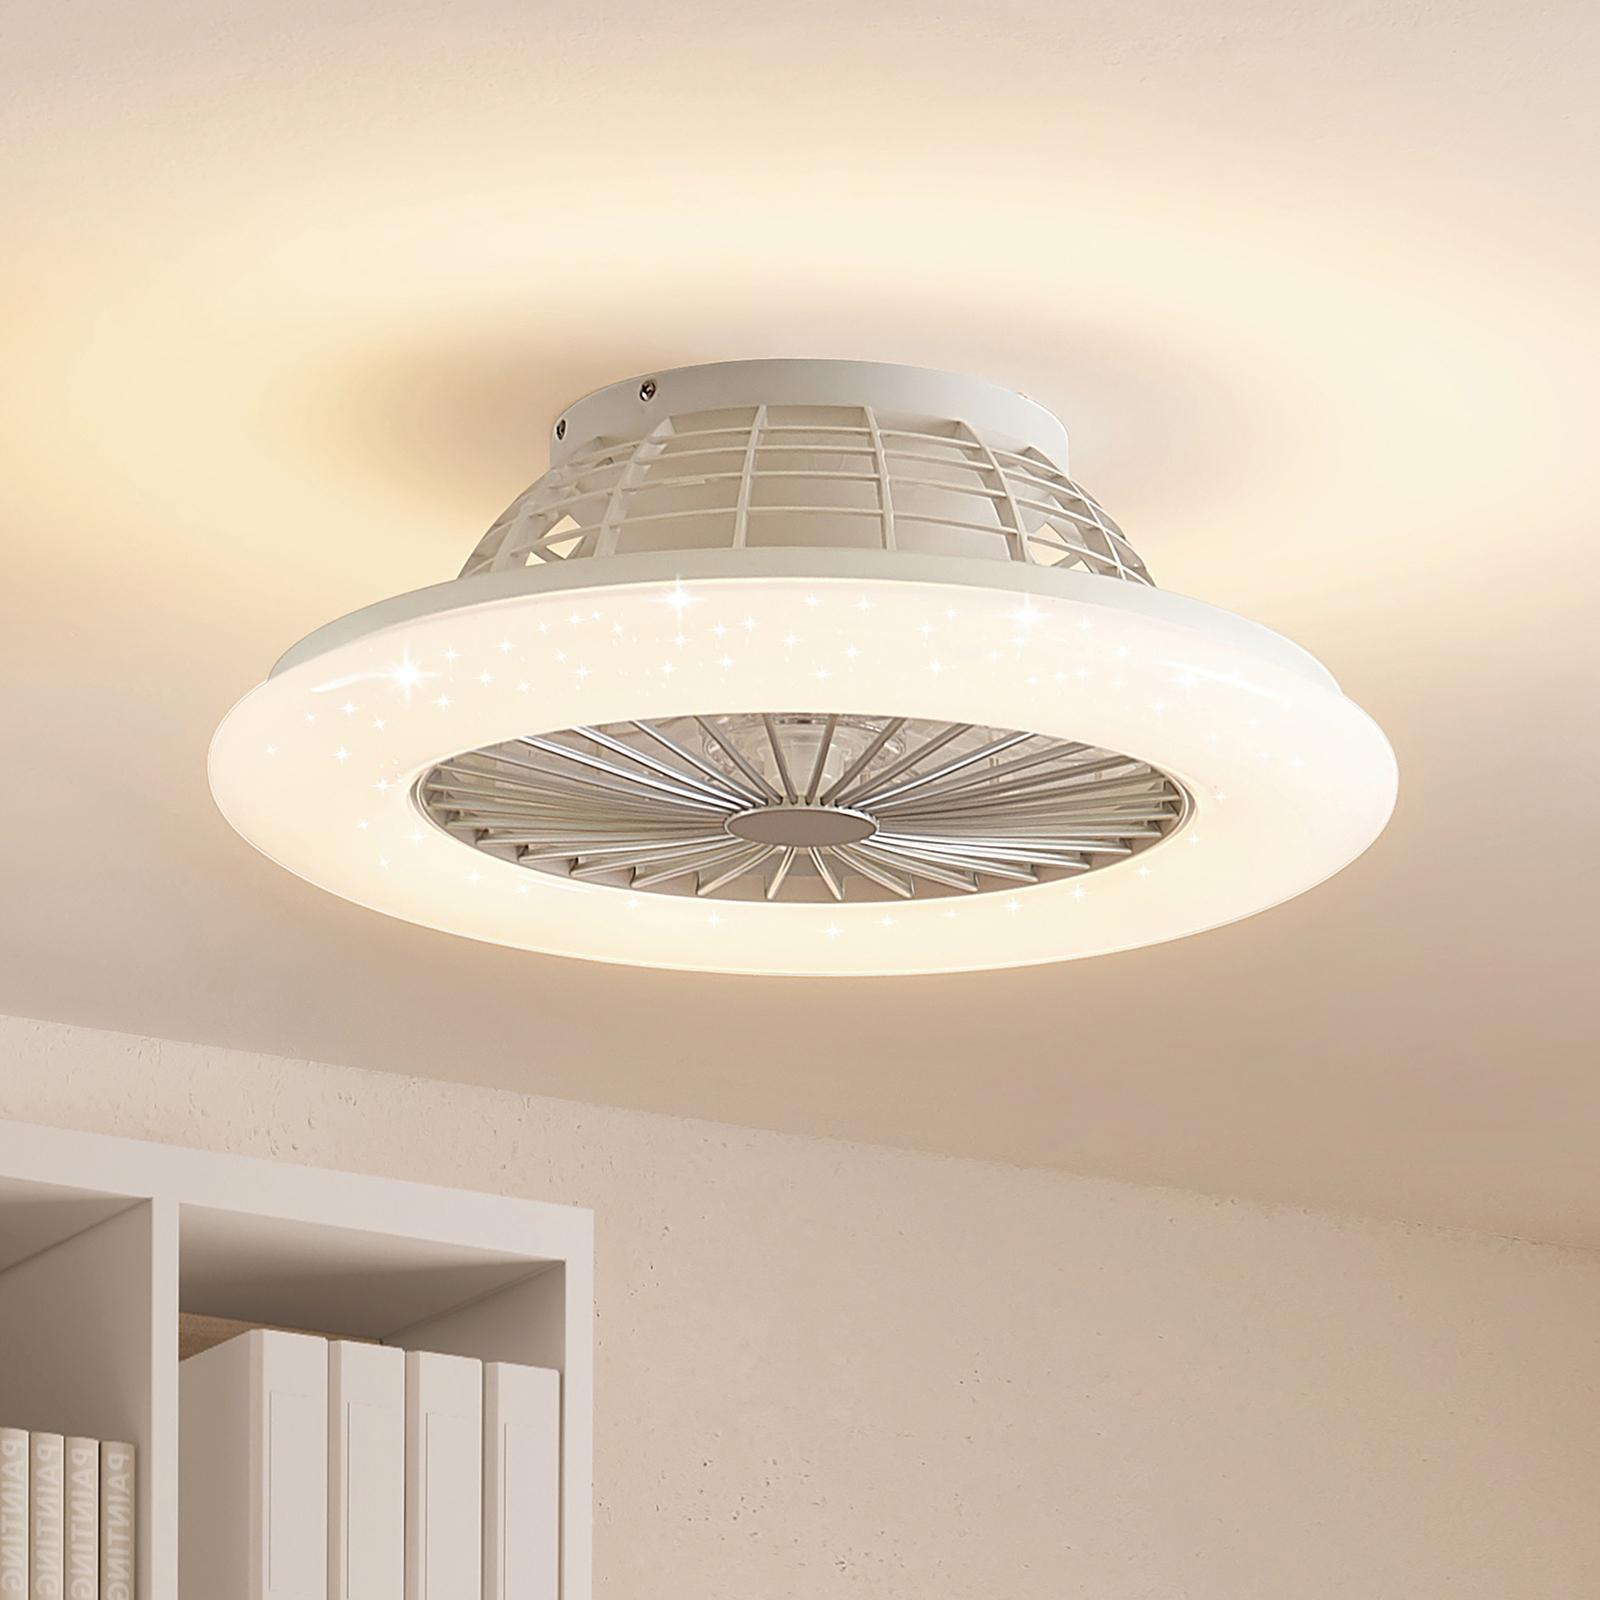 Starluna Taloni ventilador de techo LED